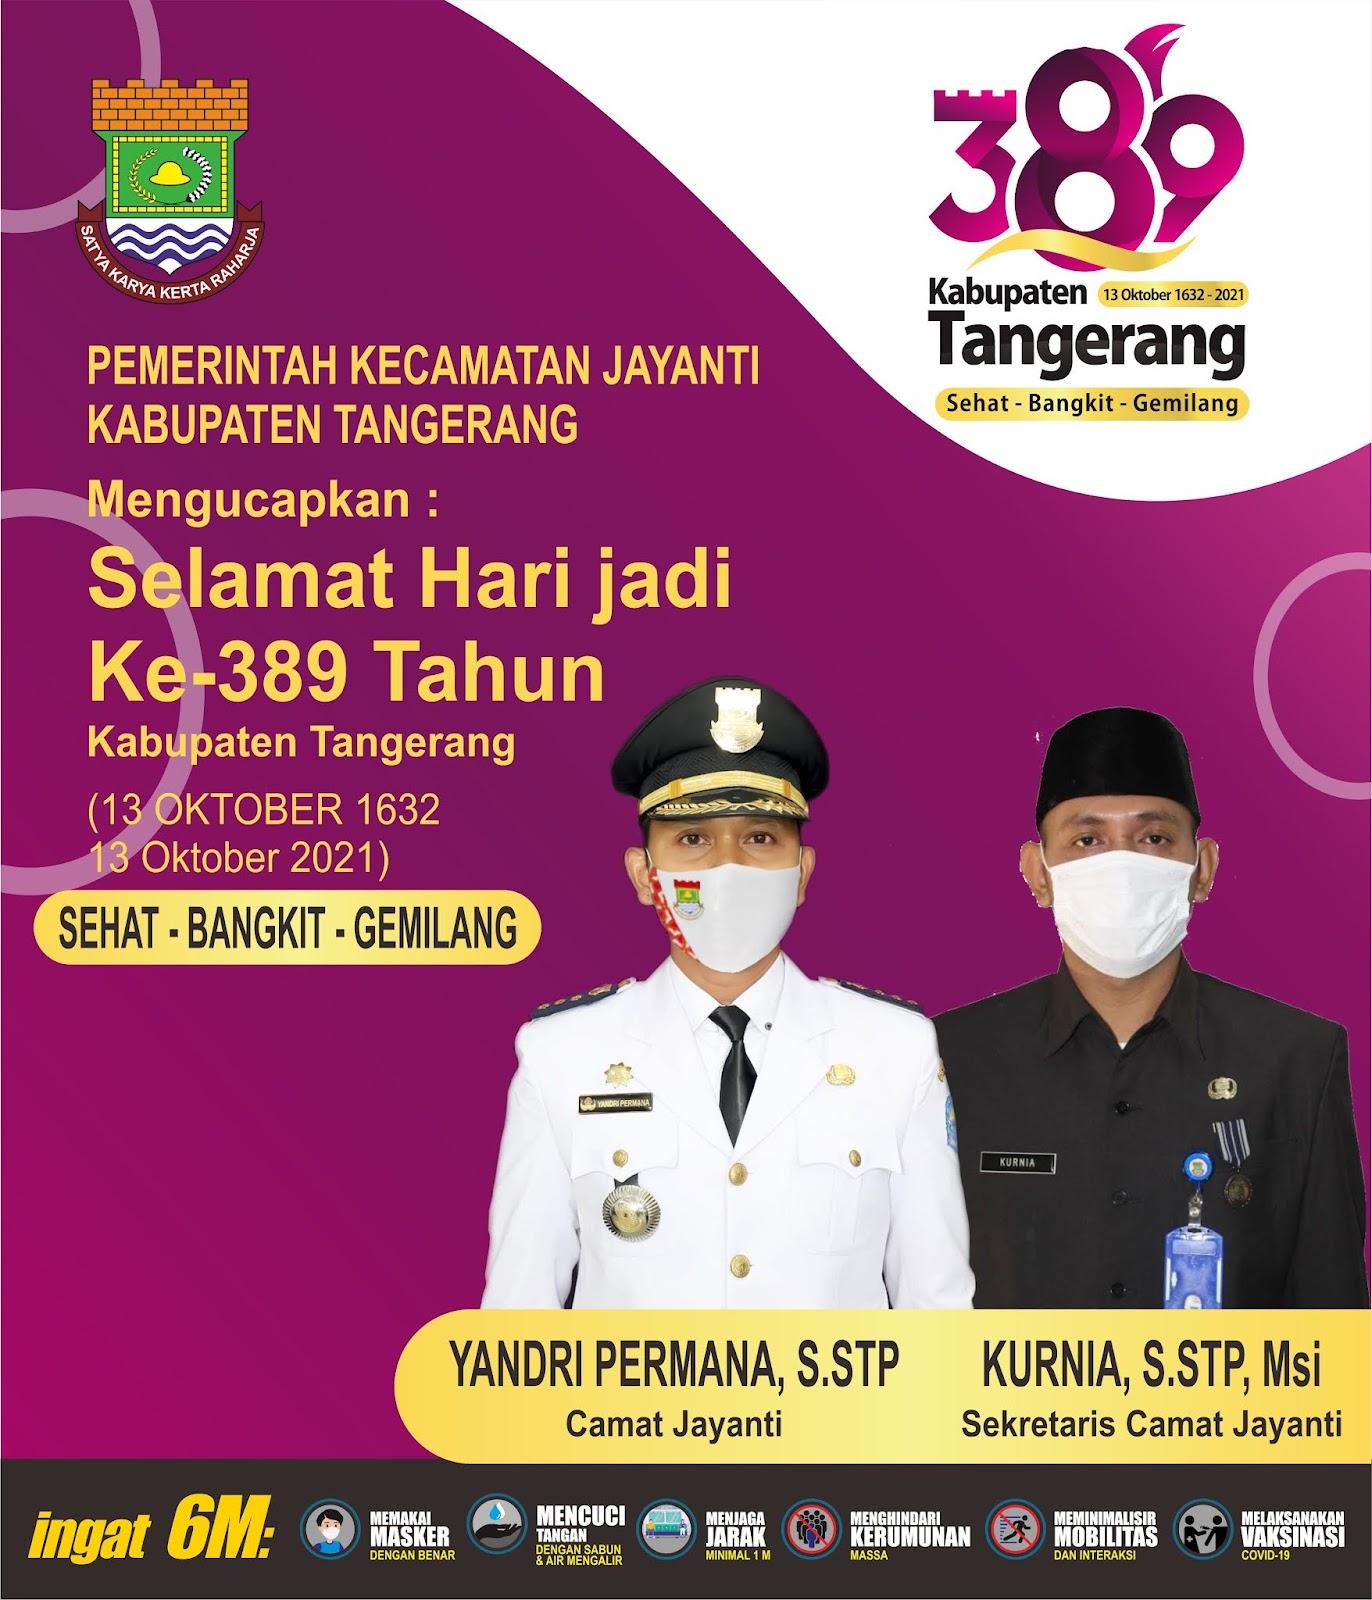 Pemerintah Kecamatan Jayanti Ucapakan Hari jadi Kabupaten Tangerang Ke-389